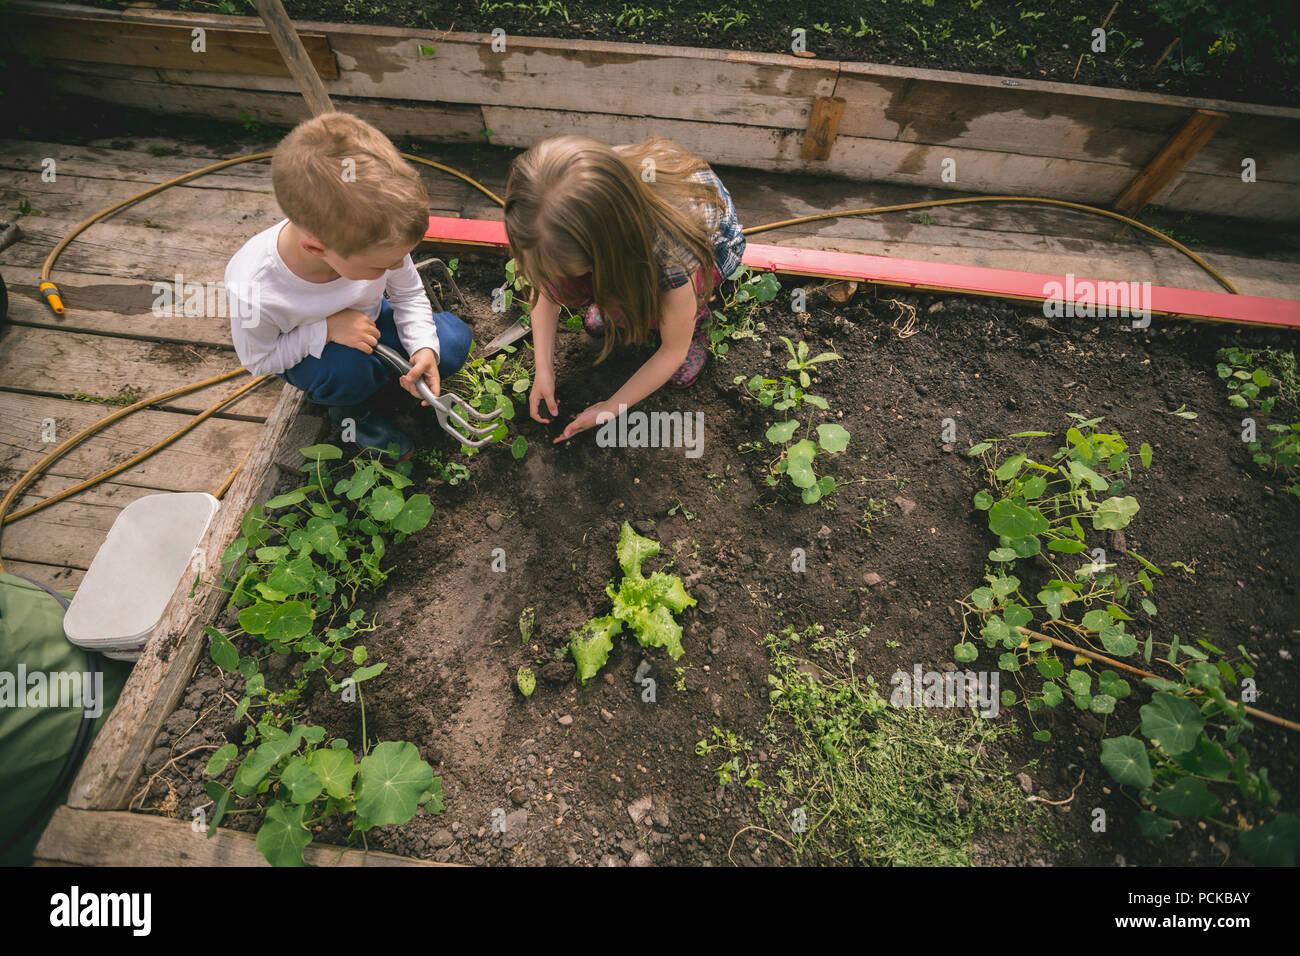 Los niños plantando semillas en invernadero Imagen De Stock